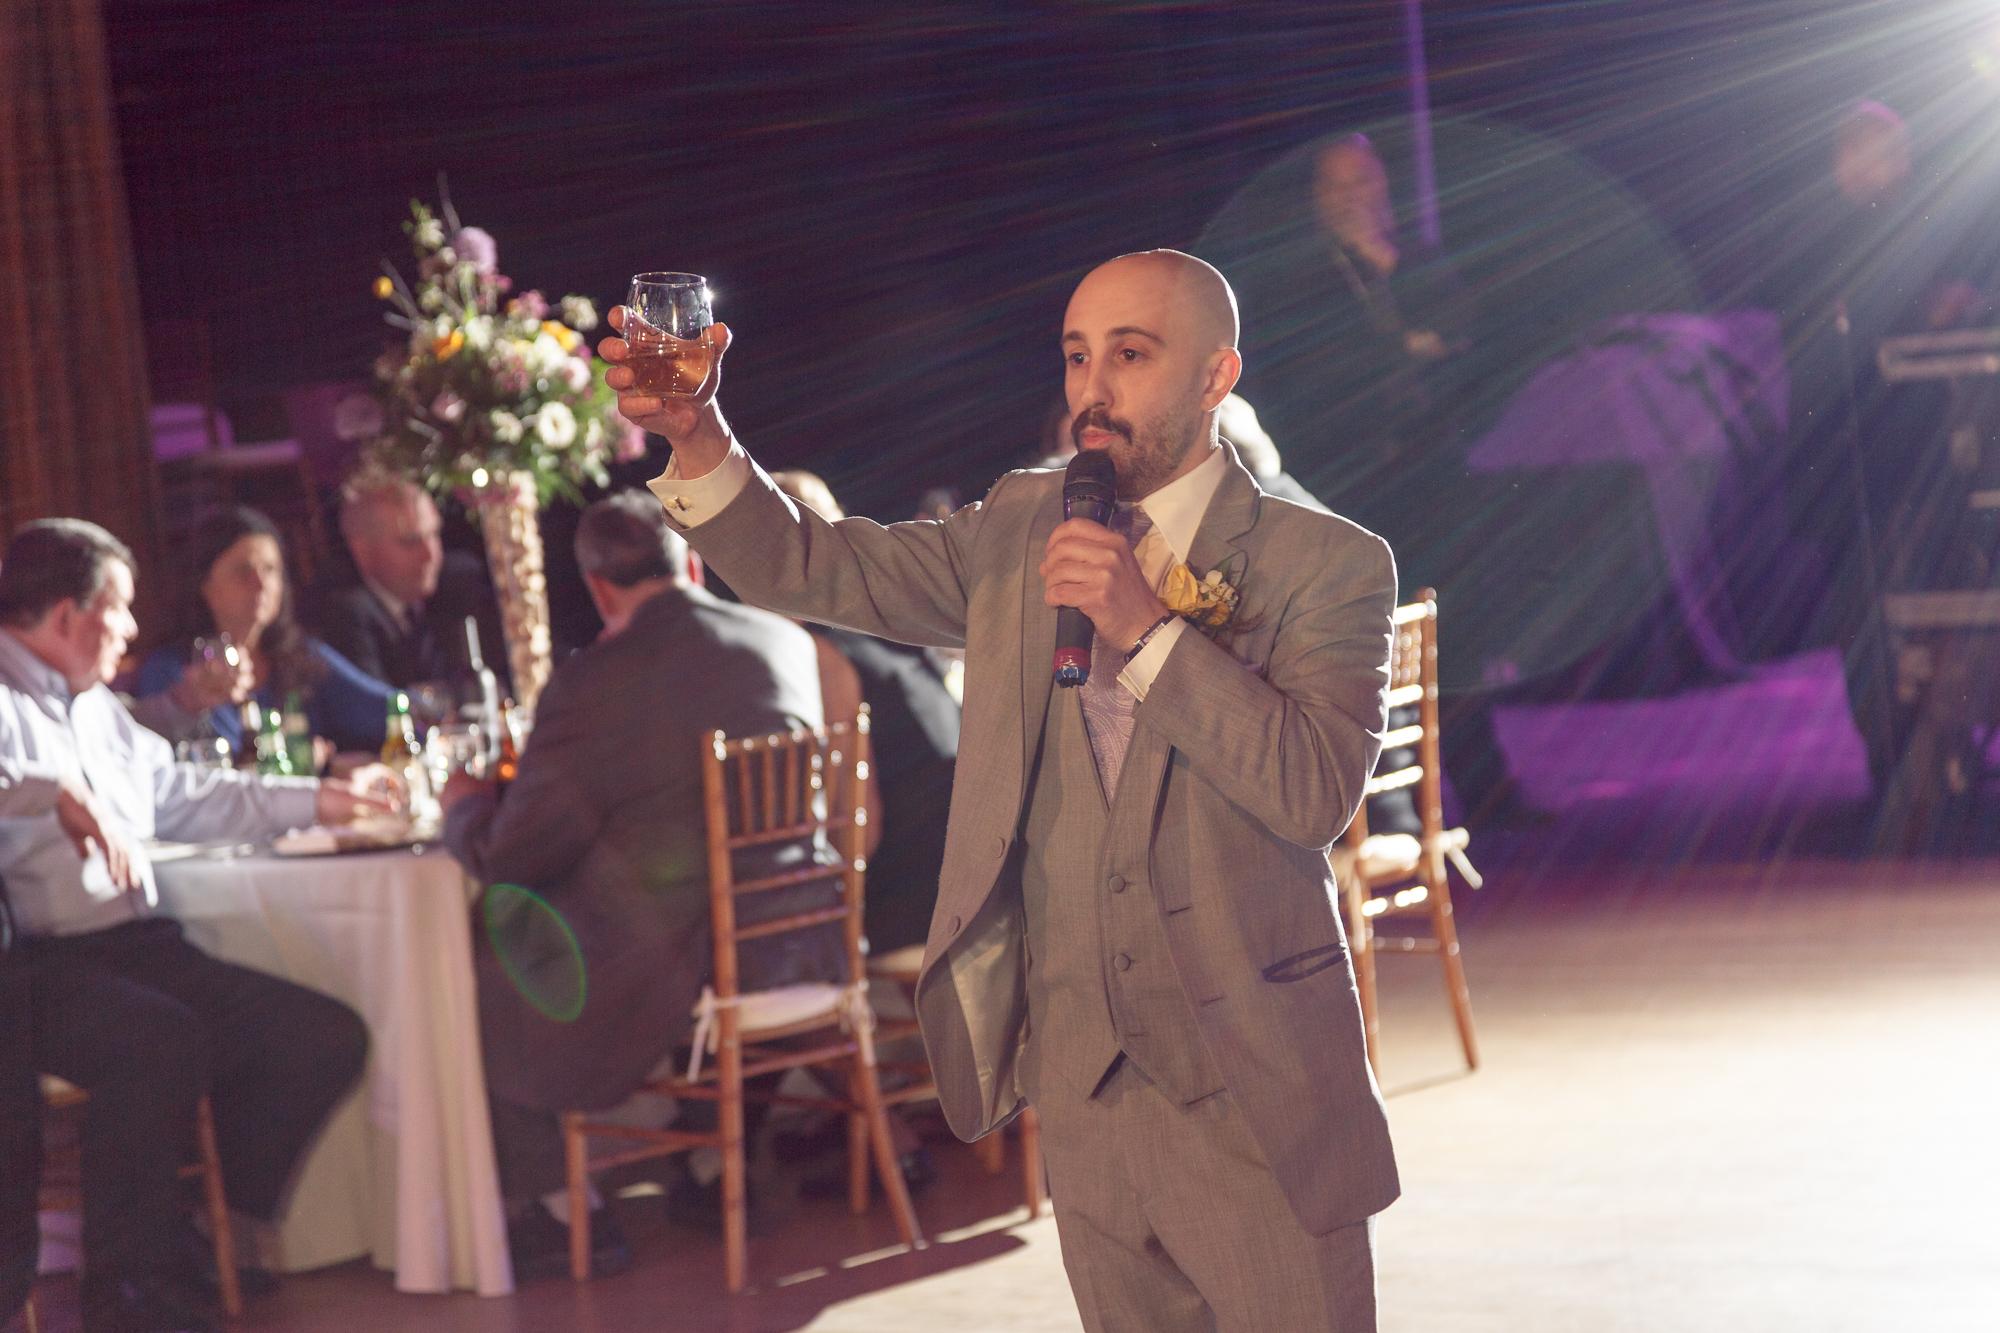 scranton-wedding-photography-zak-zavada-poconos--kellyGeoff-034.jpg